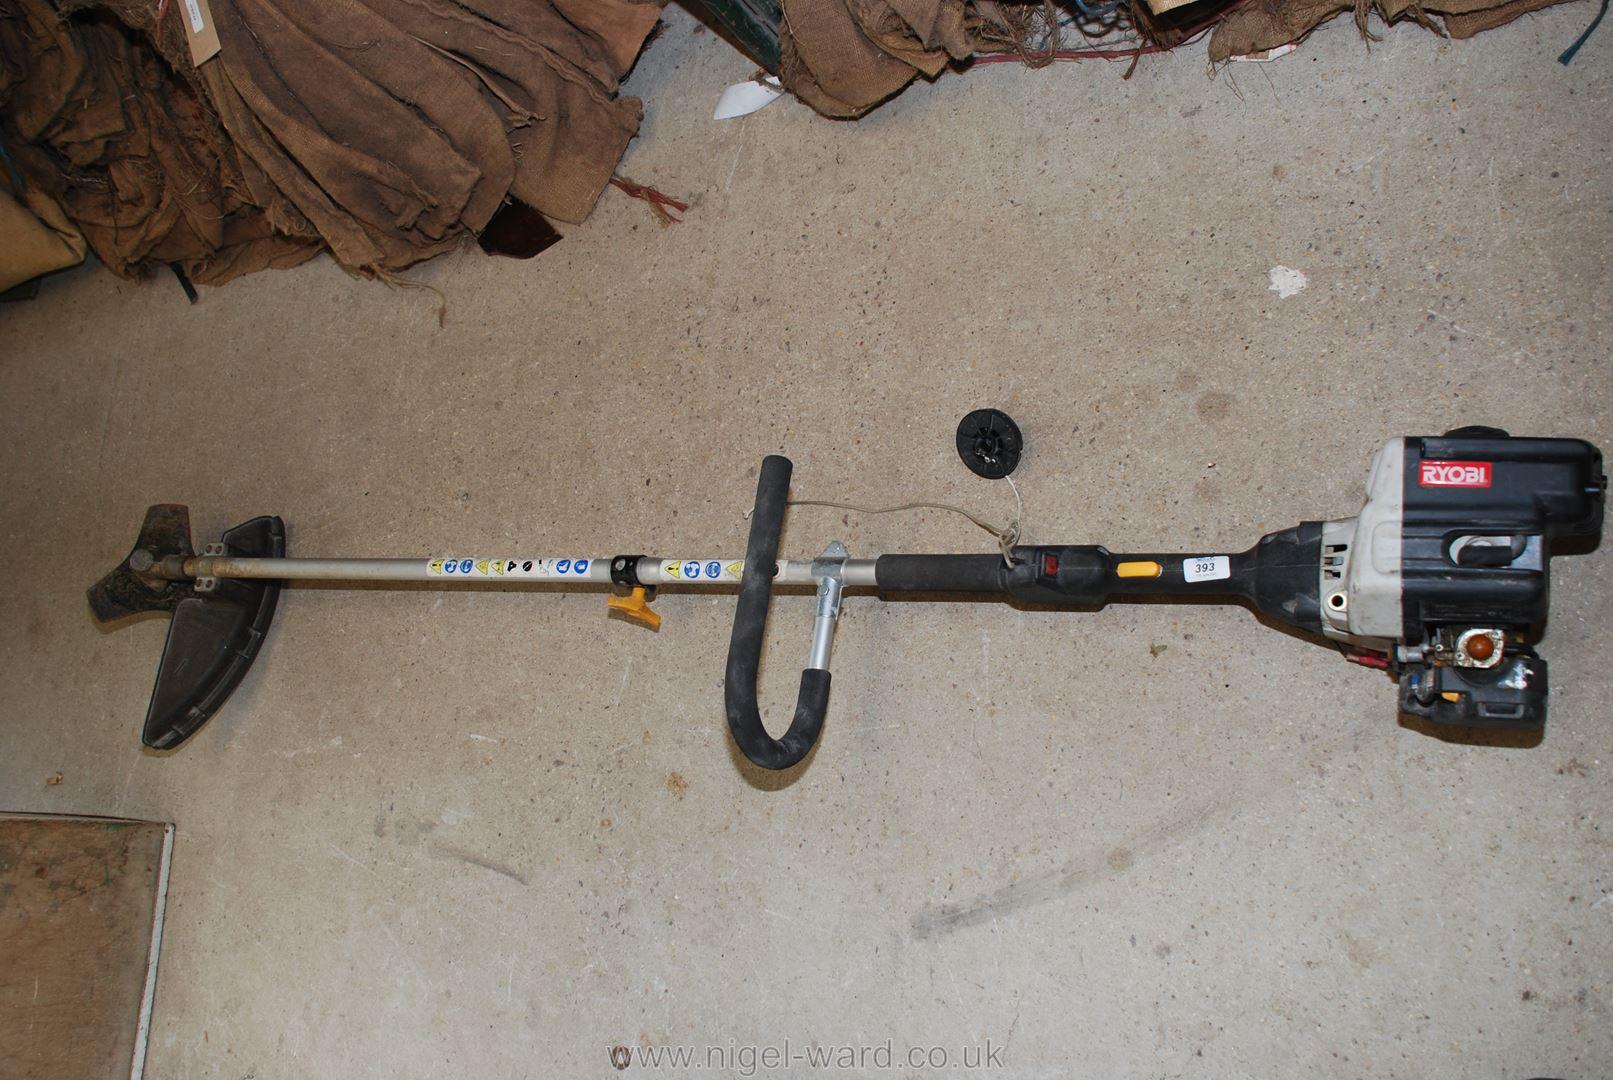 A Ryobi PCB 3020 30cc petrol Brush cutter.